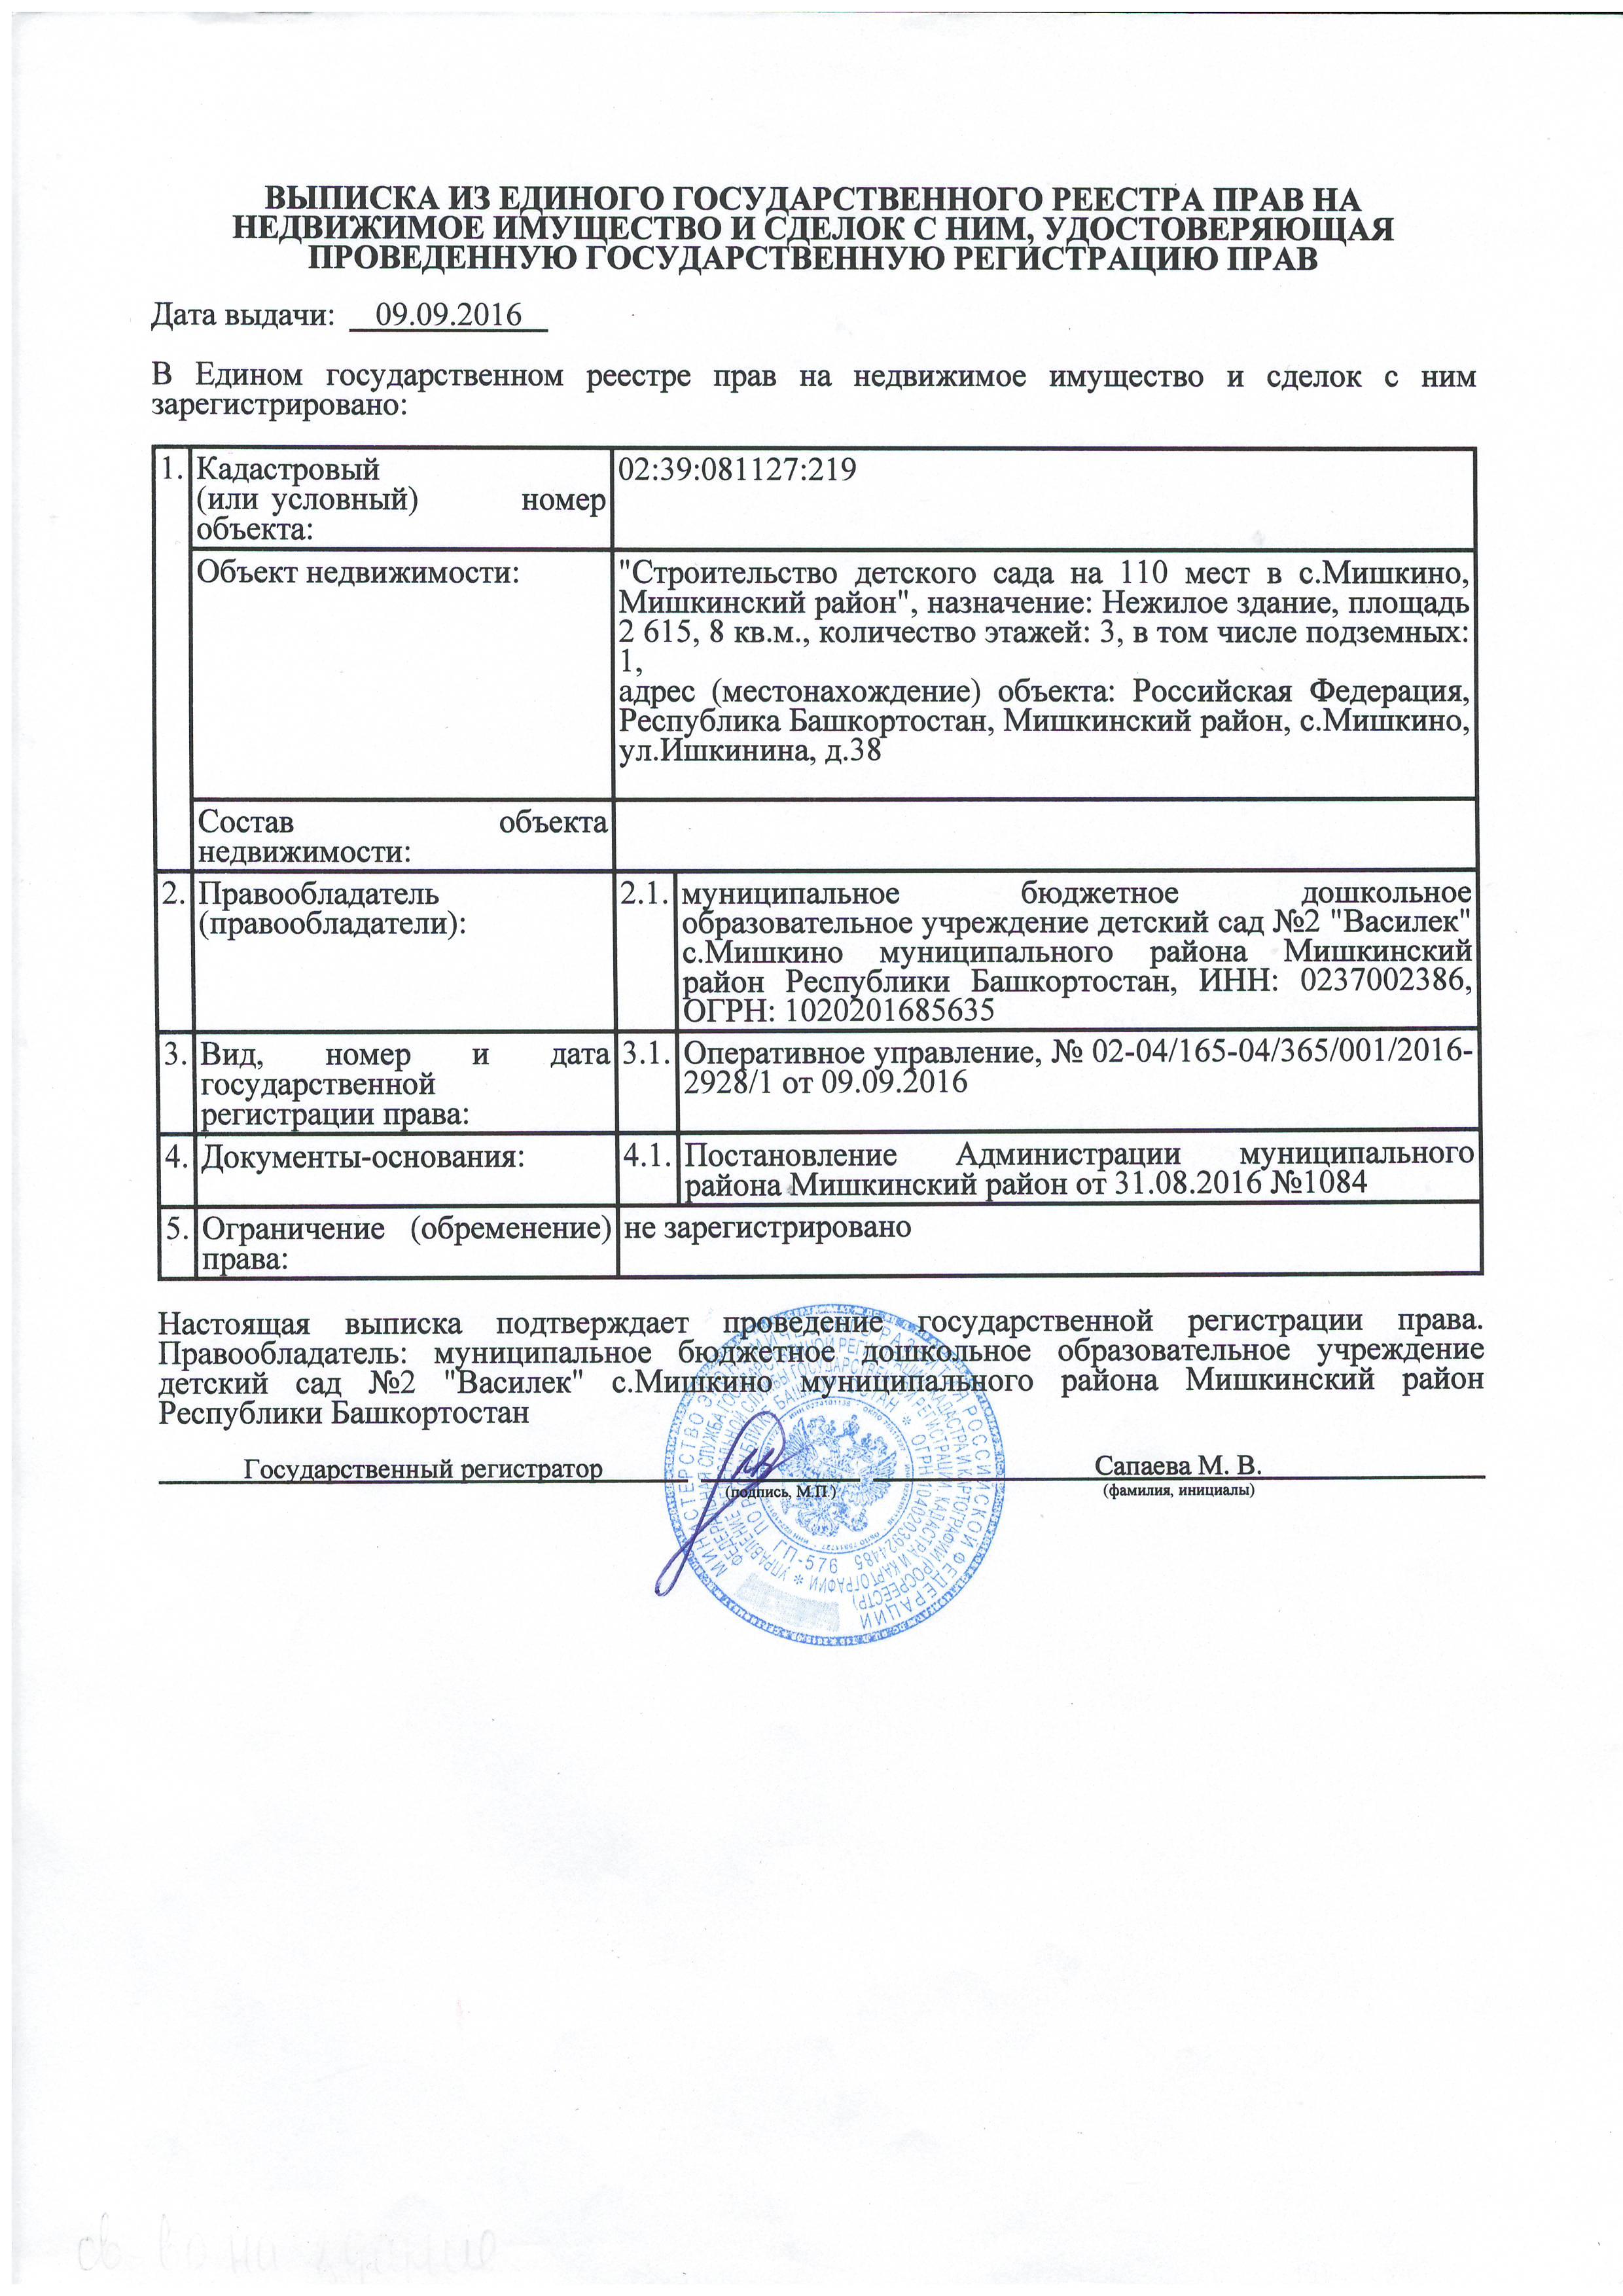 Хранилища единый государственный реестр прав на недвижимое имущество и сделок москва Совета